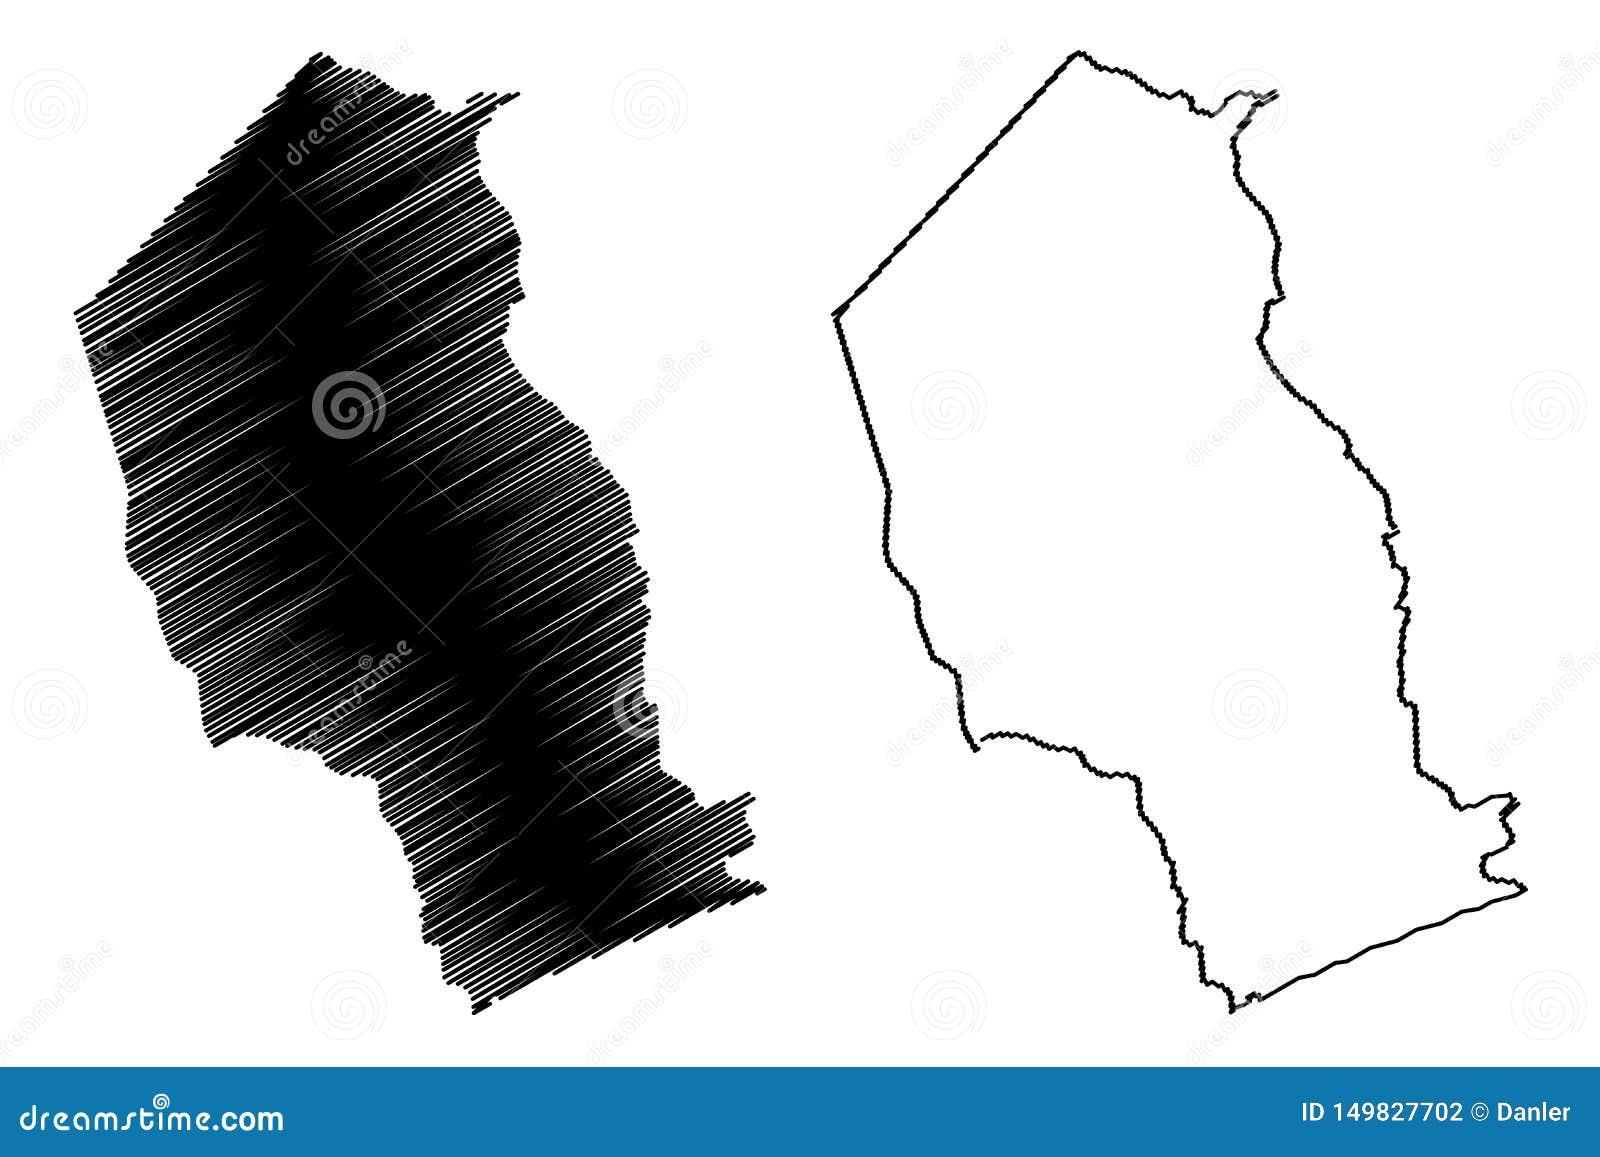 Провинции провинции Газа Мозамбика, республики иллюстрации вектора карты Мозамбика, карты Газа эскиза scribble